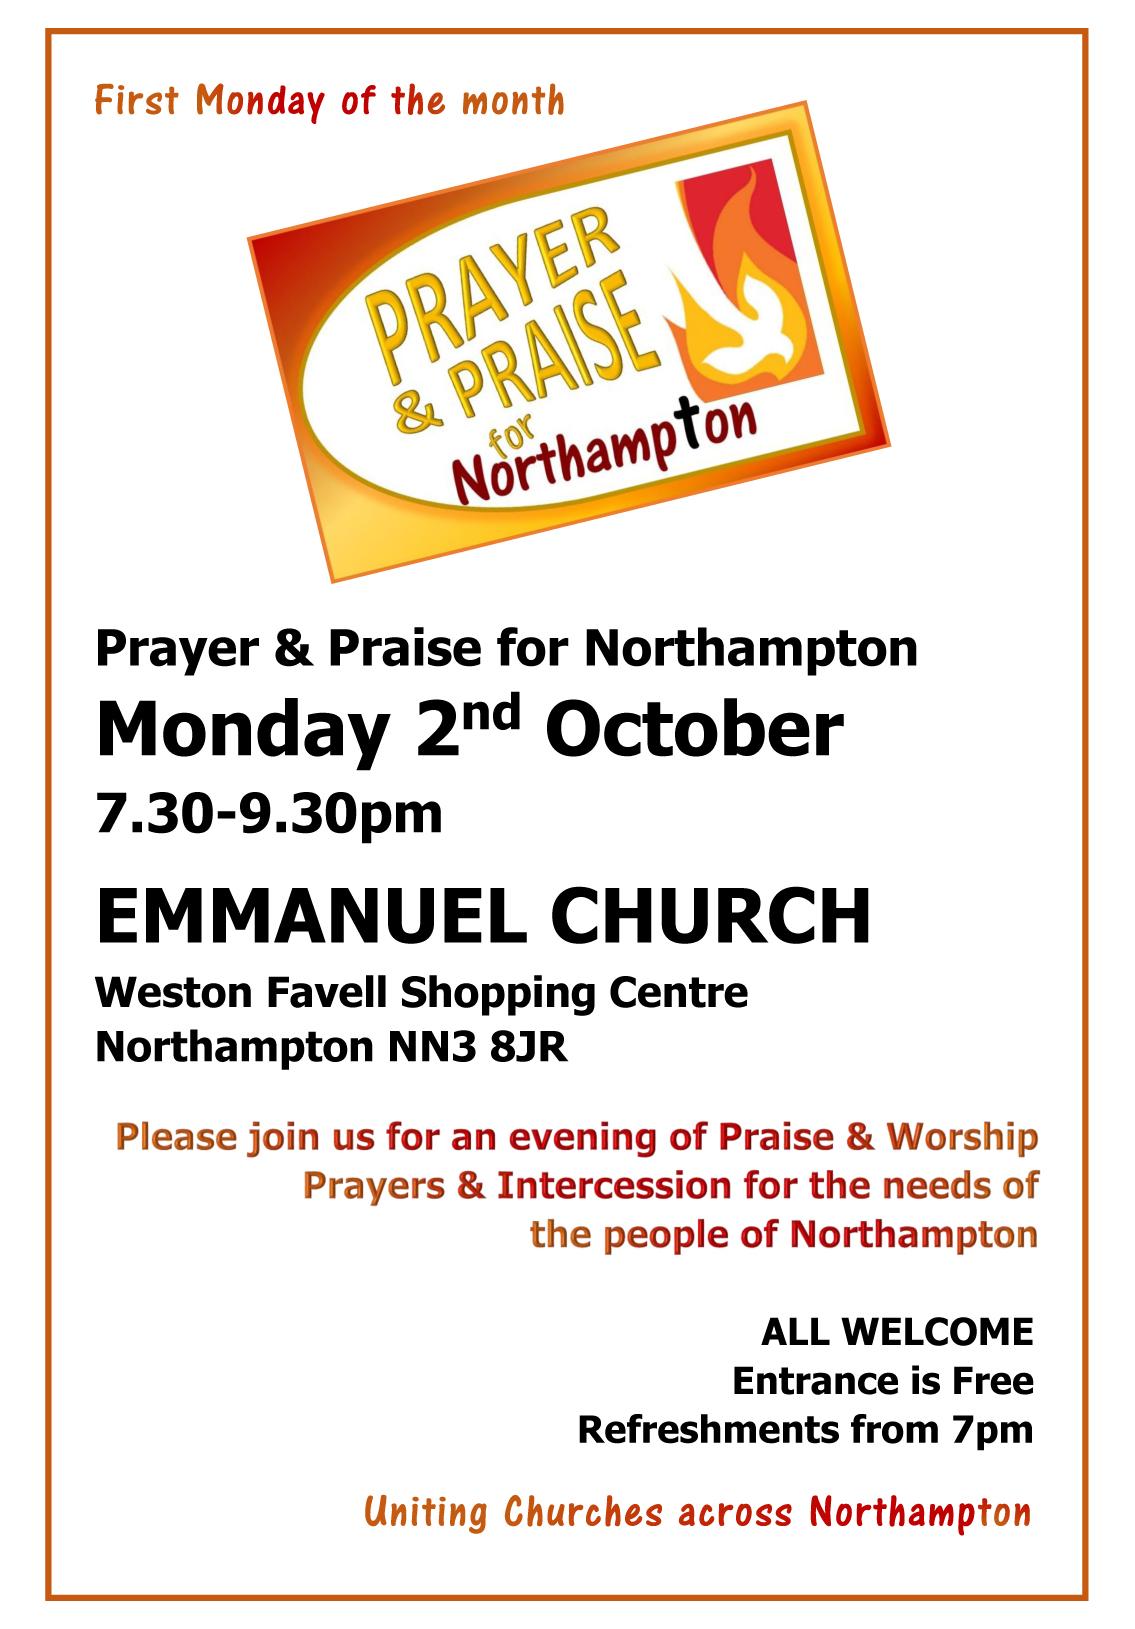 P&P 2 Oct at Emmanuel Church.jpg